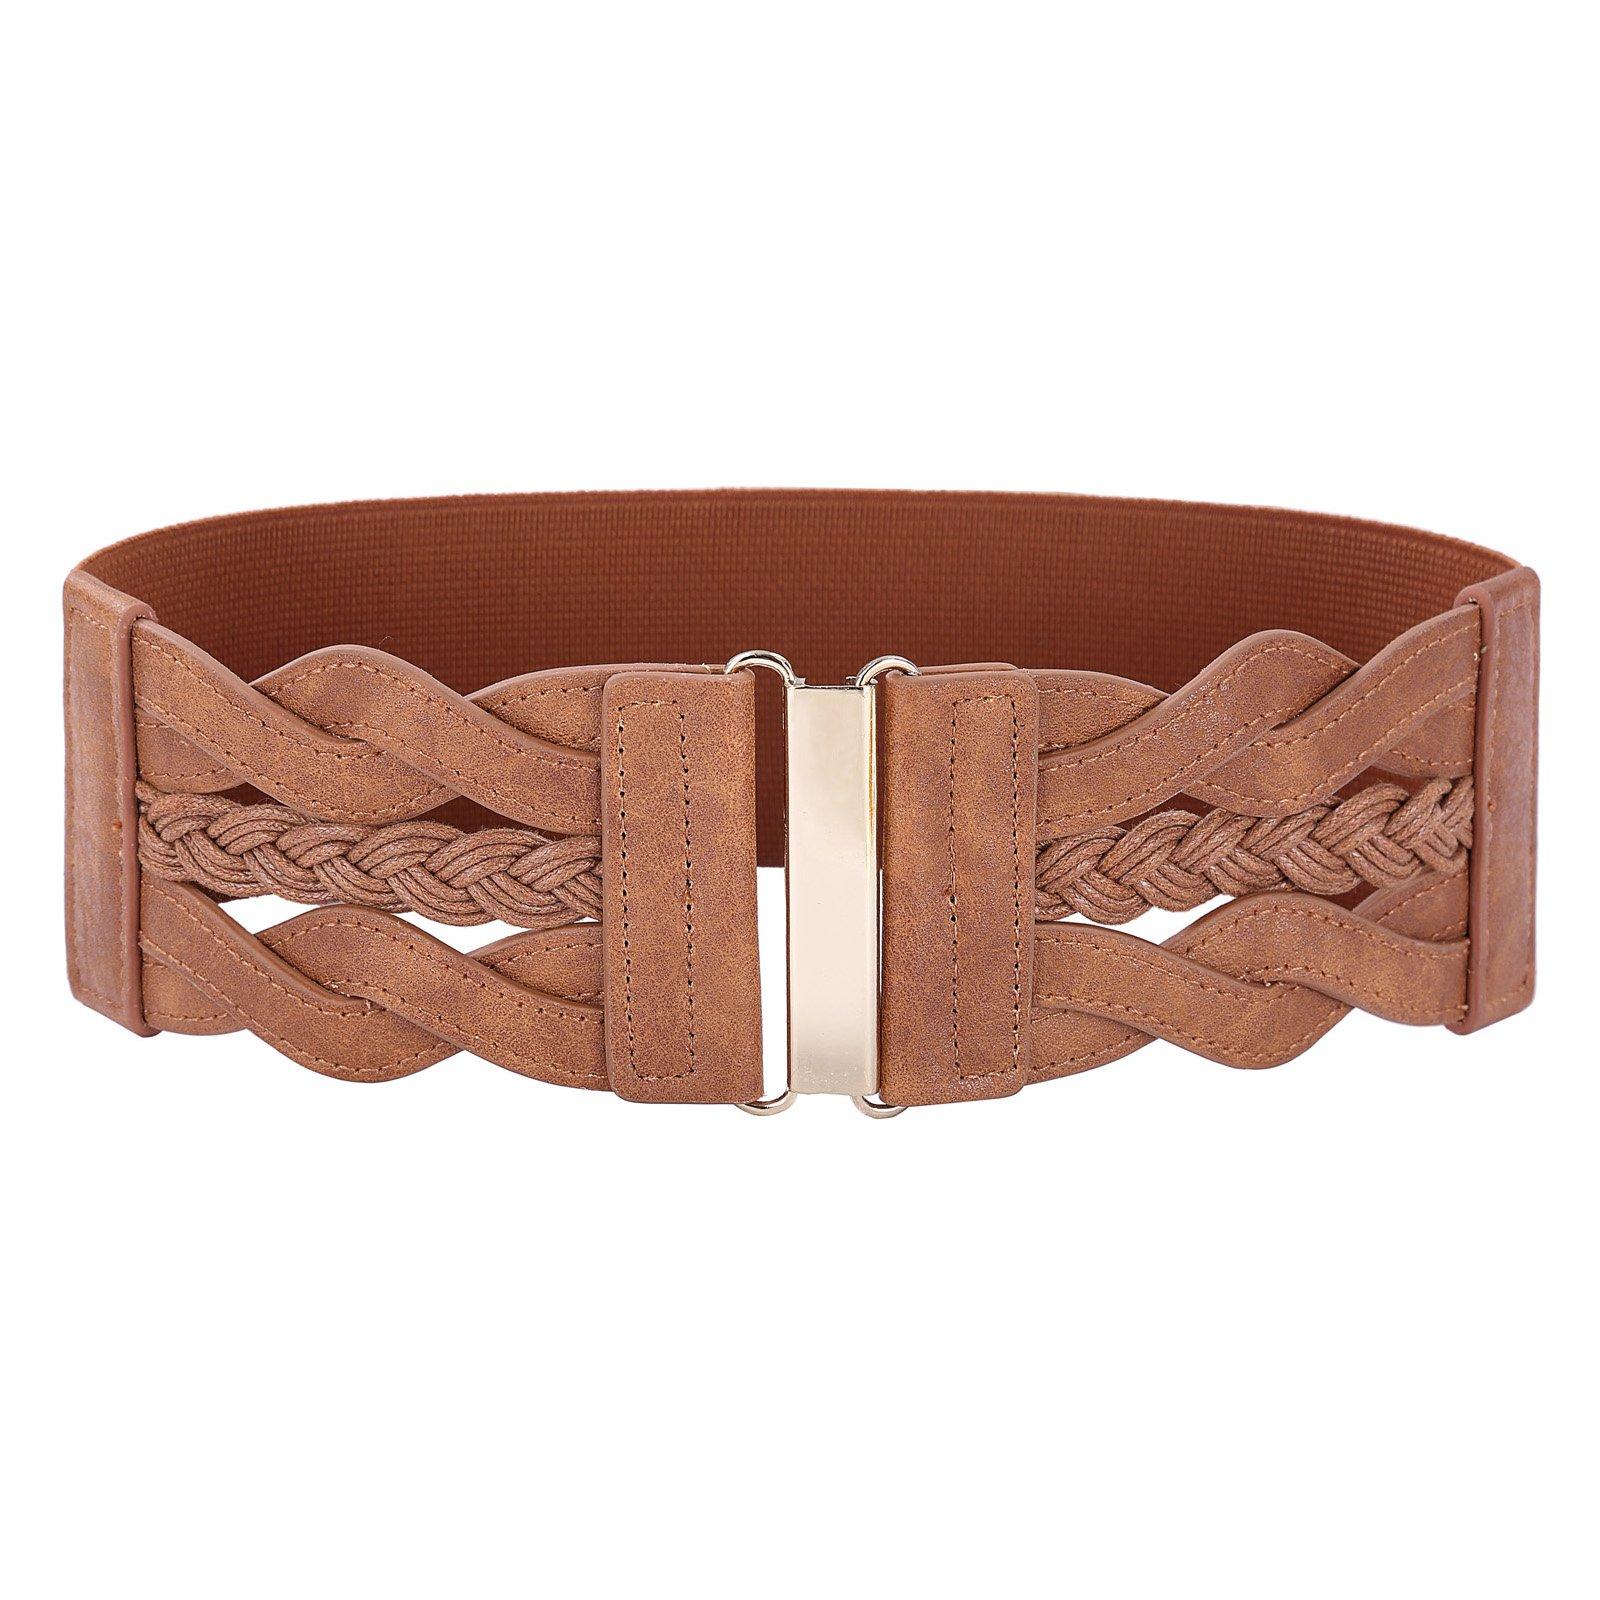 Vintage Leather Elastic Waist Belt Fashion Wide Belts for Women (Brown, L)